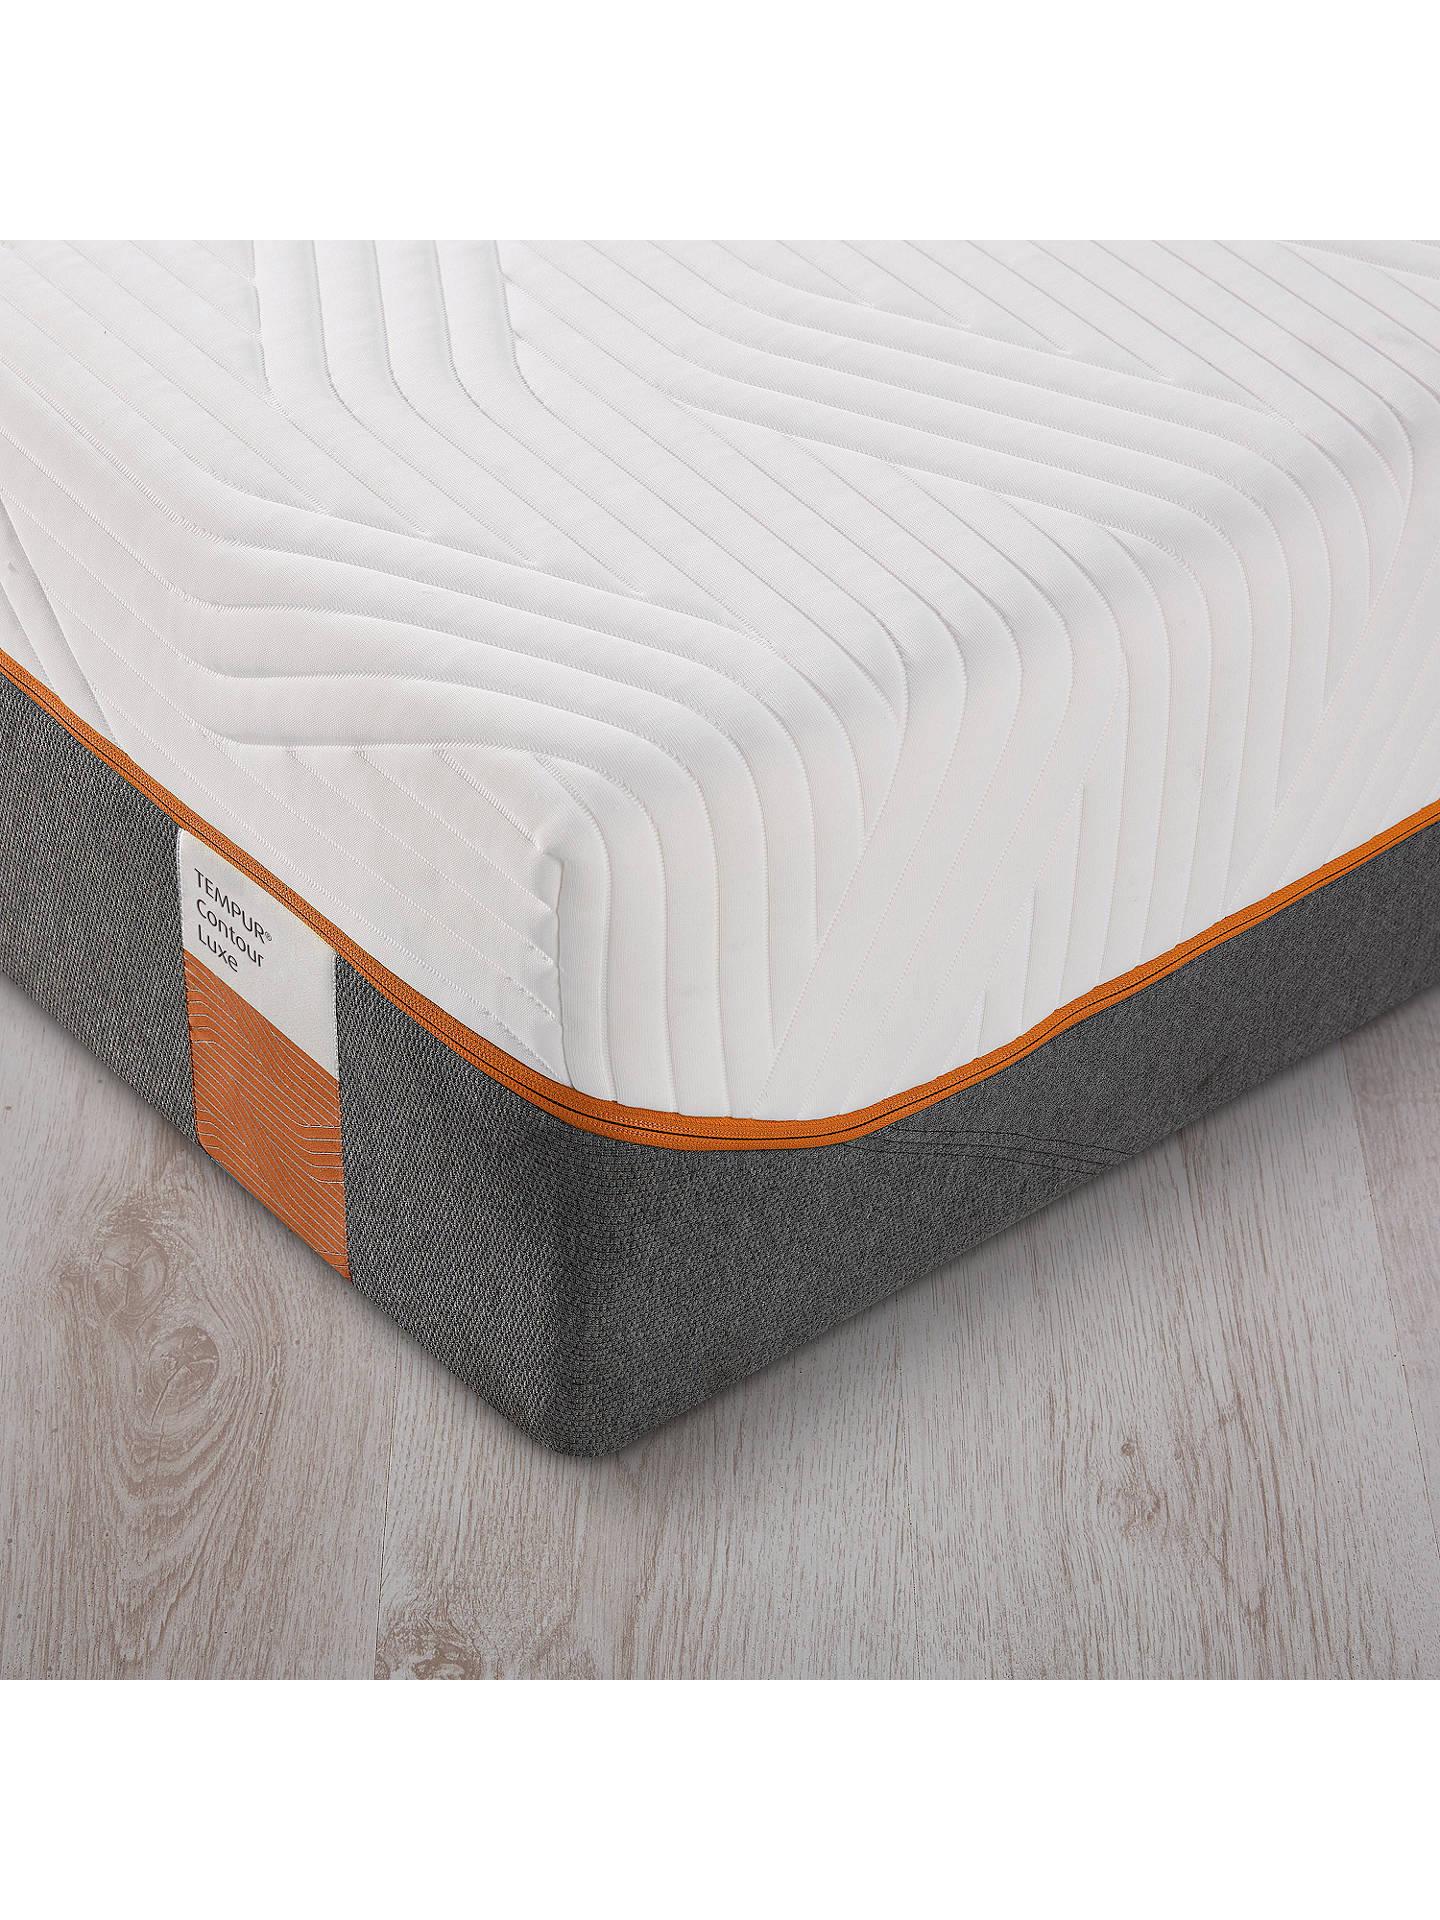 Tempur Contour Luxe 30 Memory Foam Mattress Firm Double At John